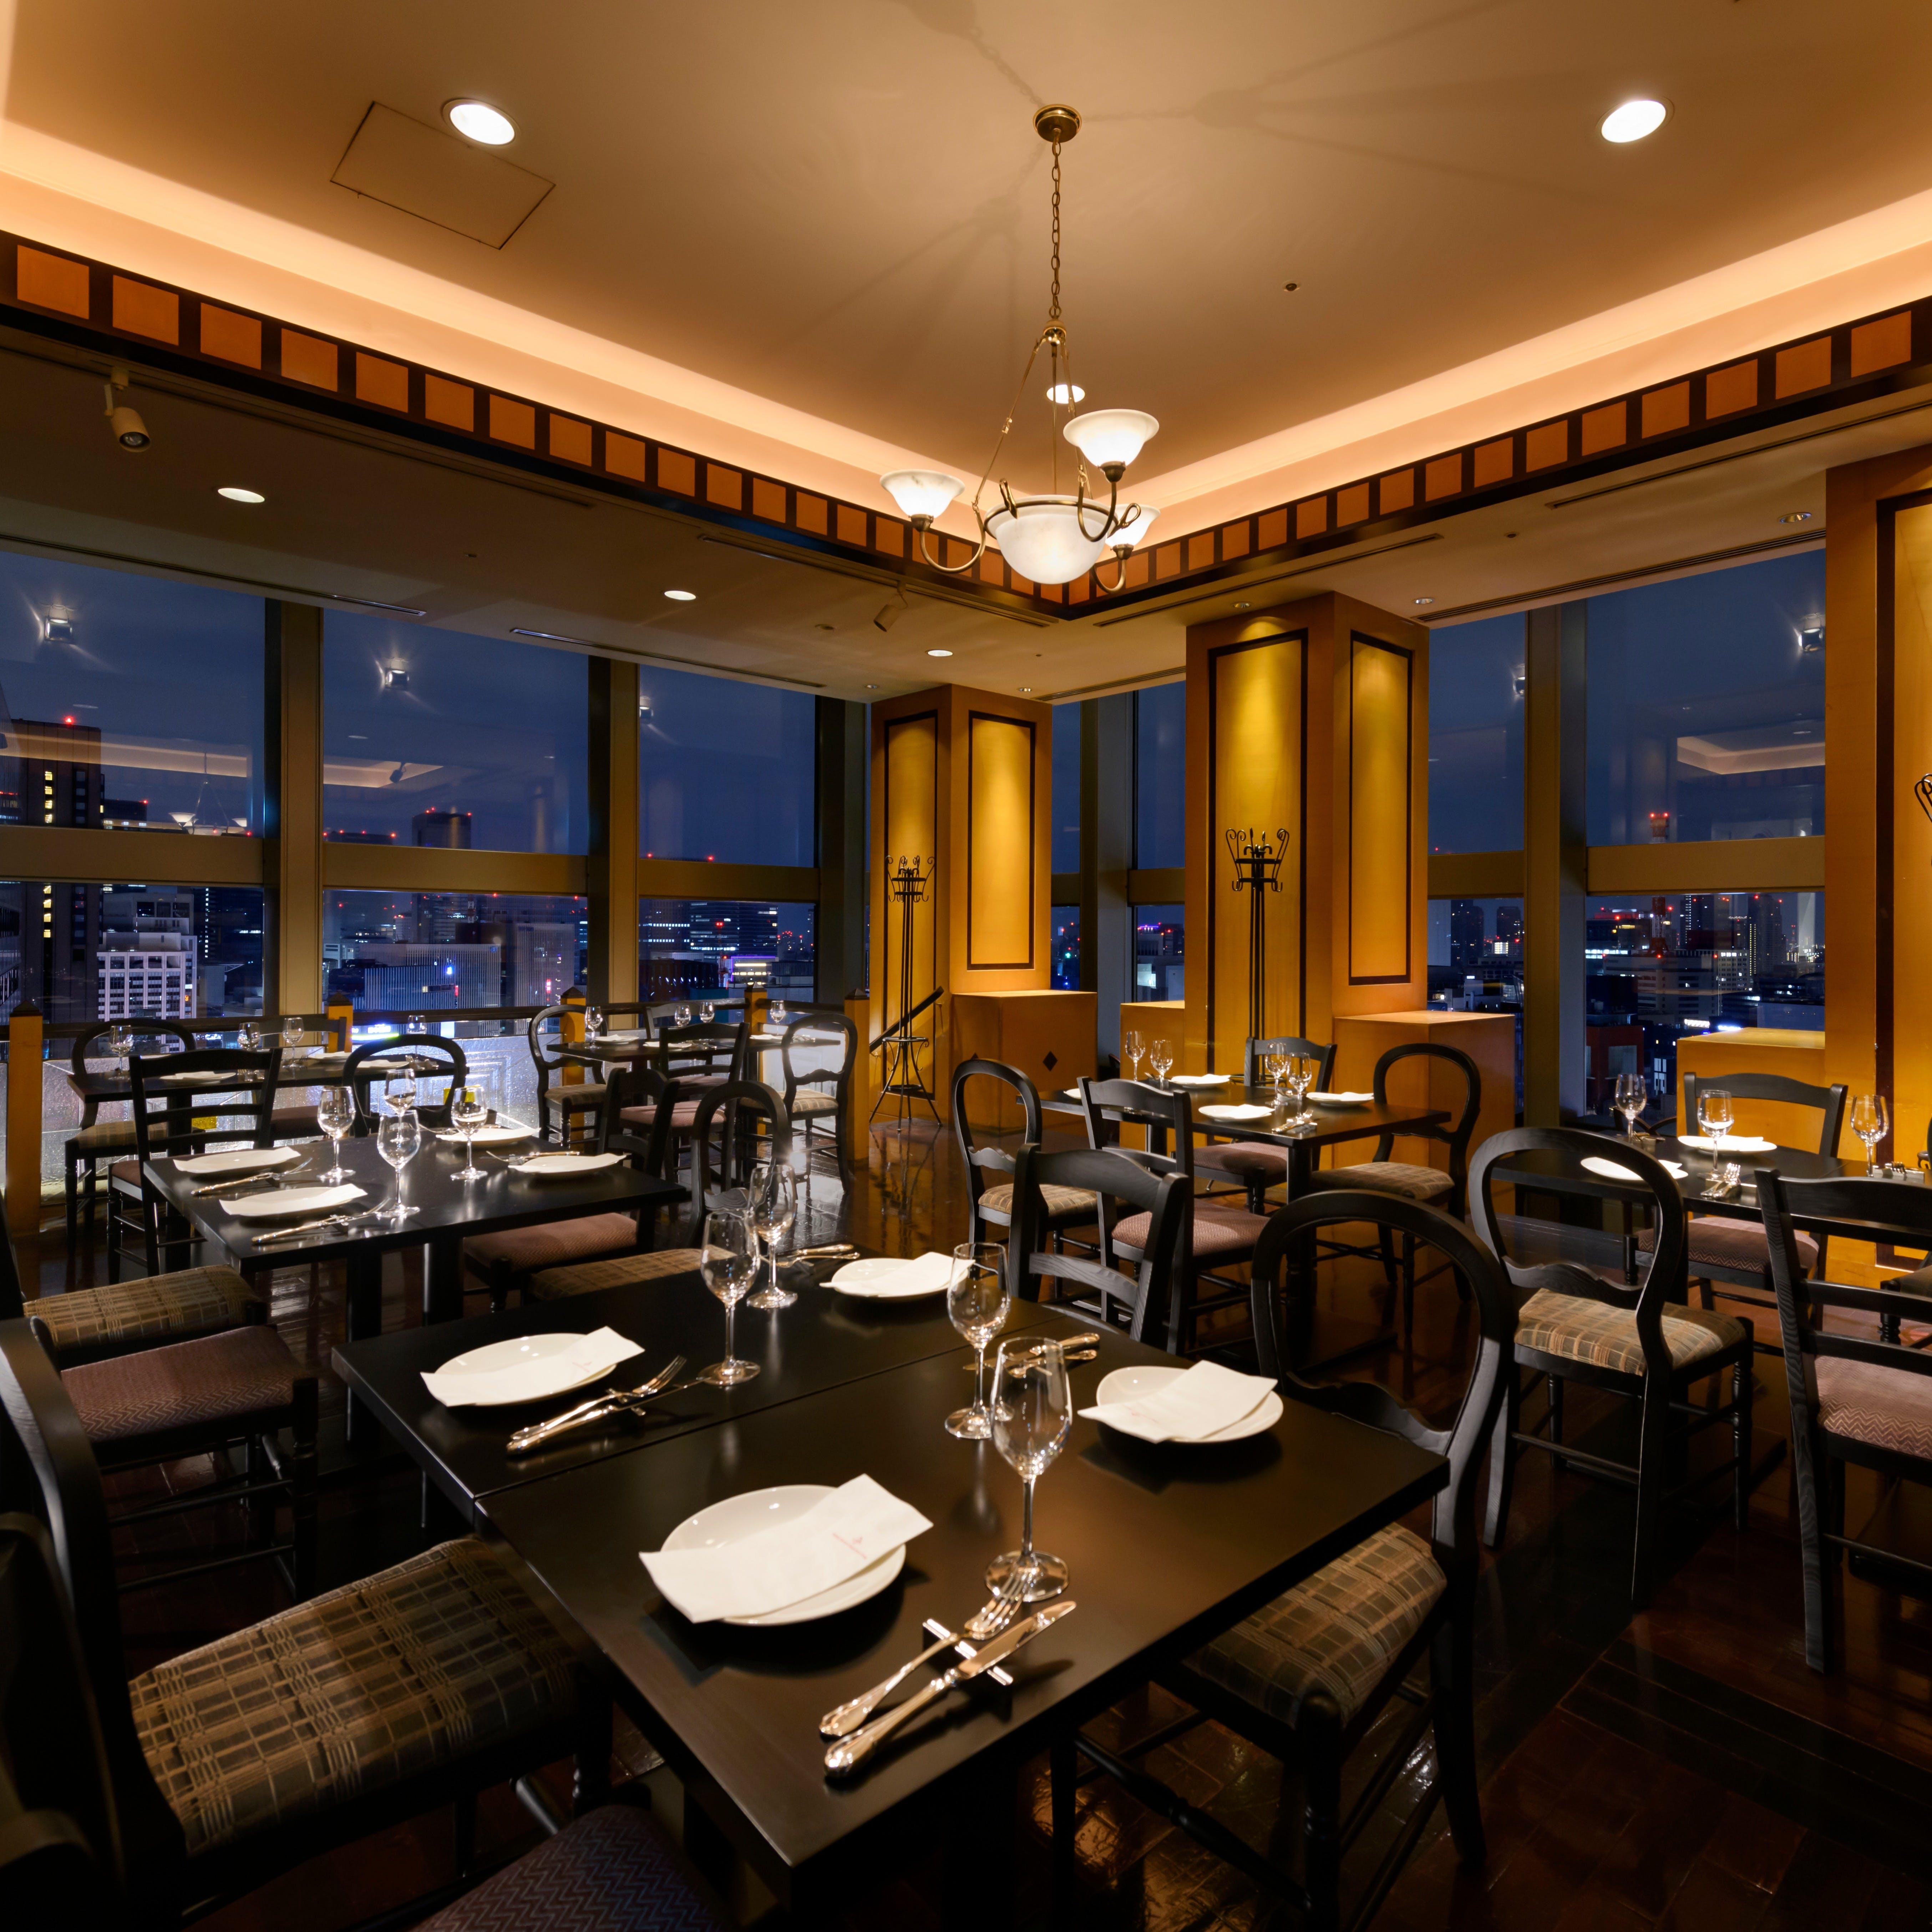 銀座&汐留の煌く夜景とお食事を贅沢に楽しむ